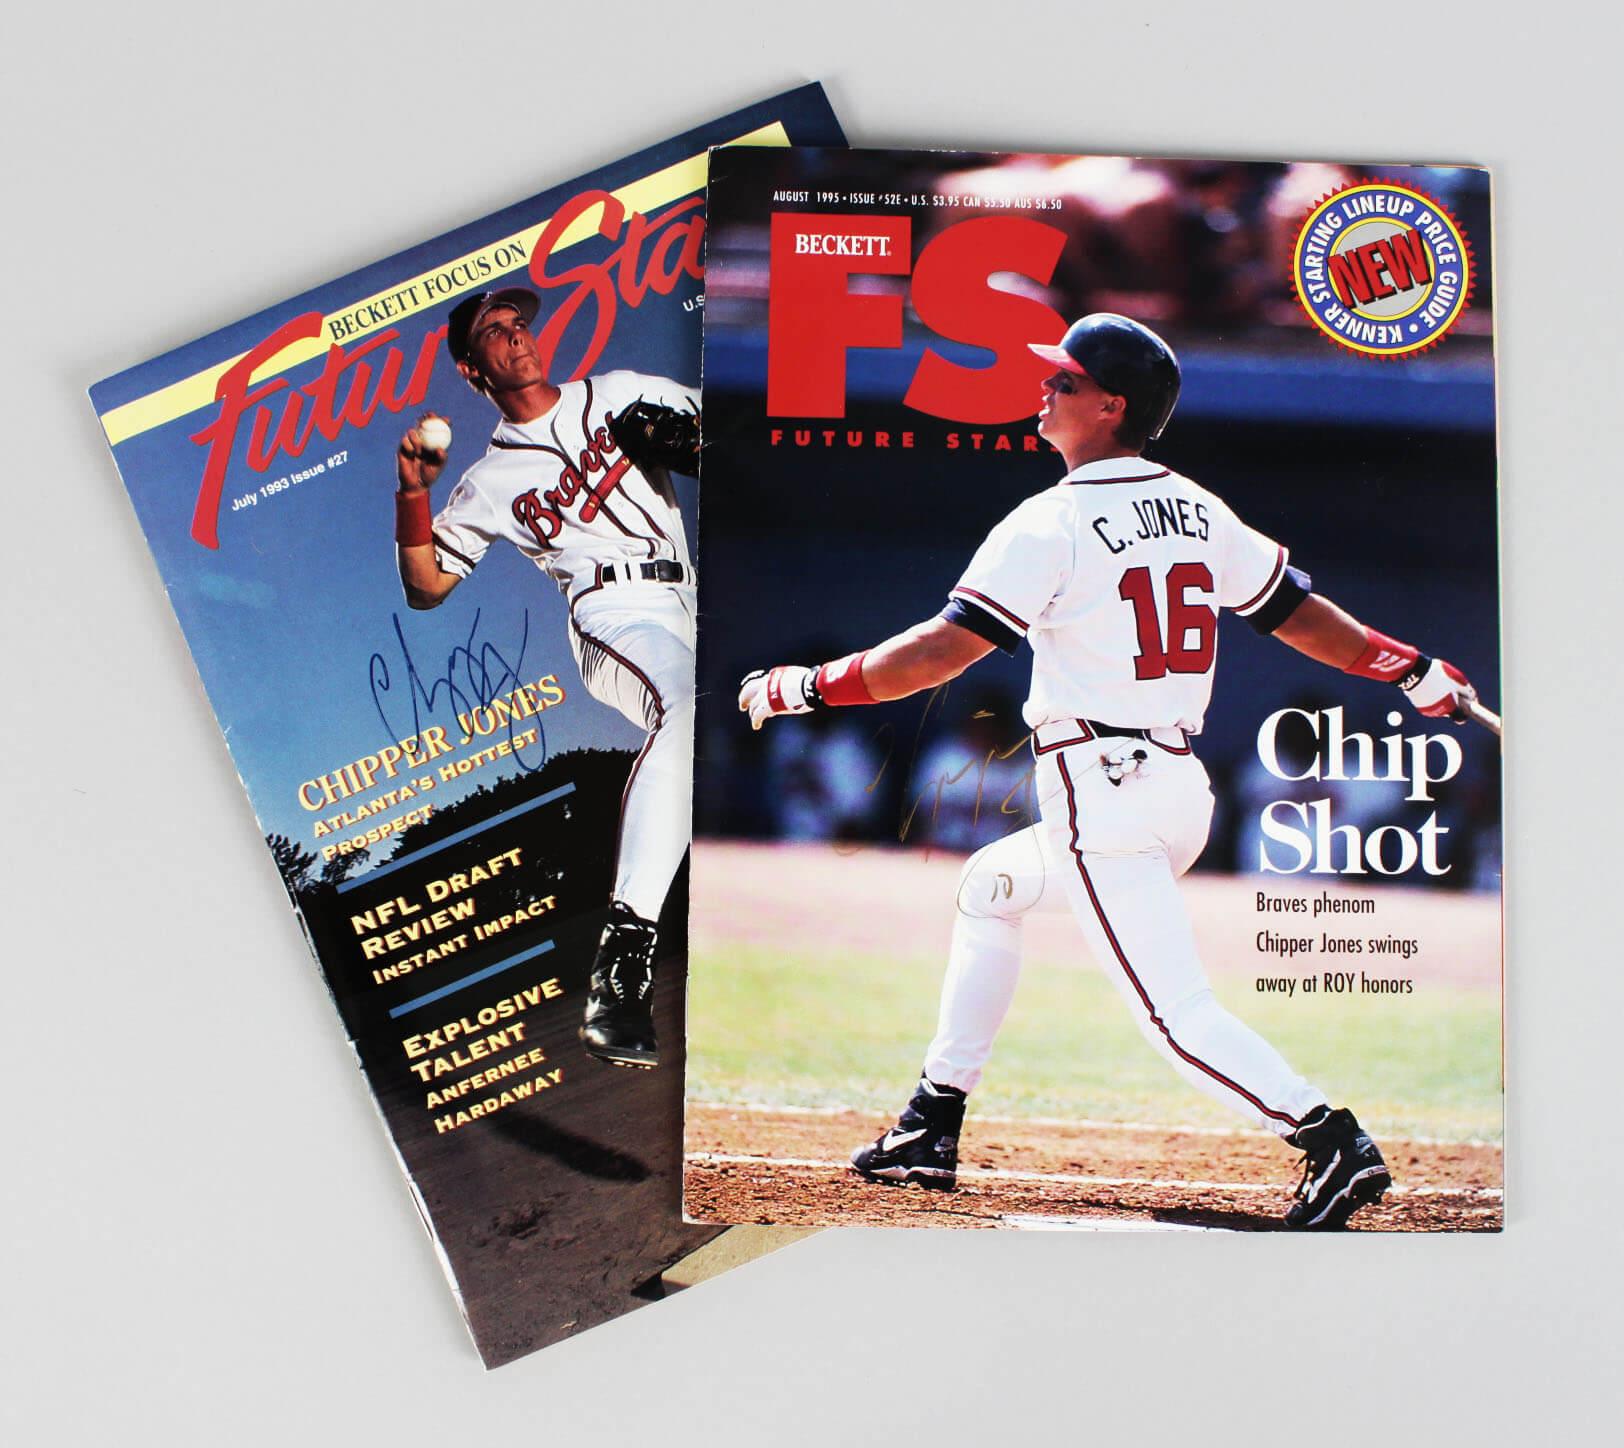 Chipper Jones Signed Magazines Braves - COA JSA